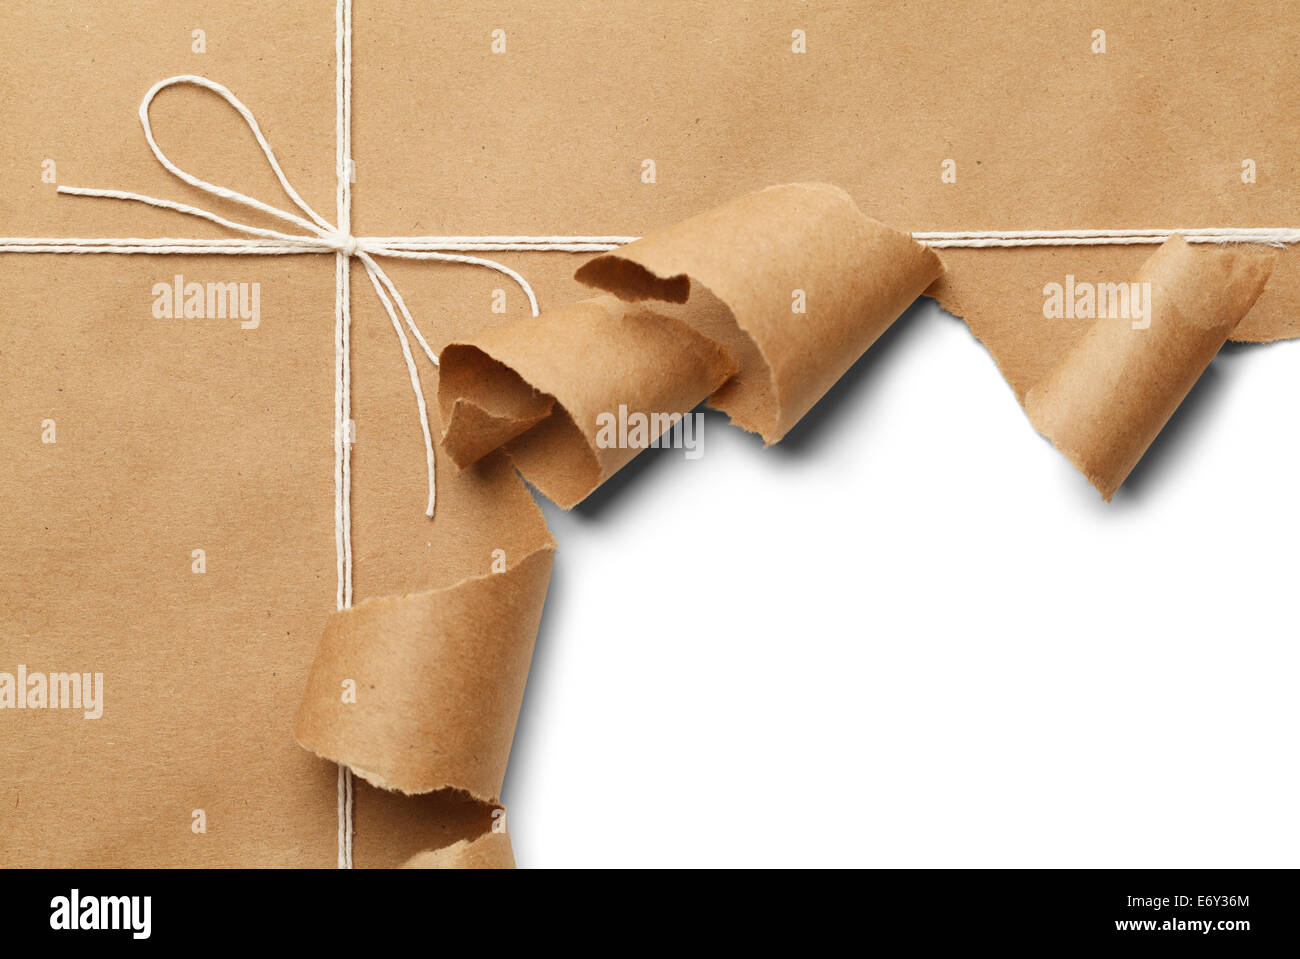 Colis de papier brun avec corde à ouvrir, sur fond blanc. Banque D'Images